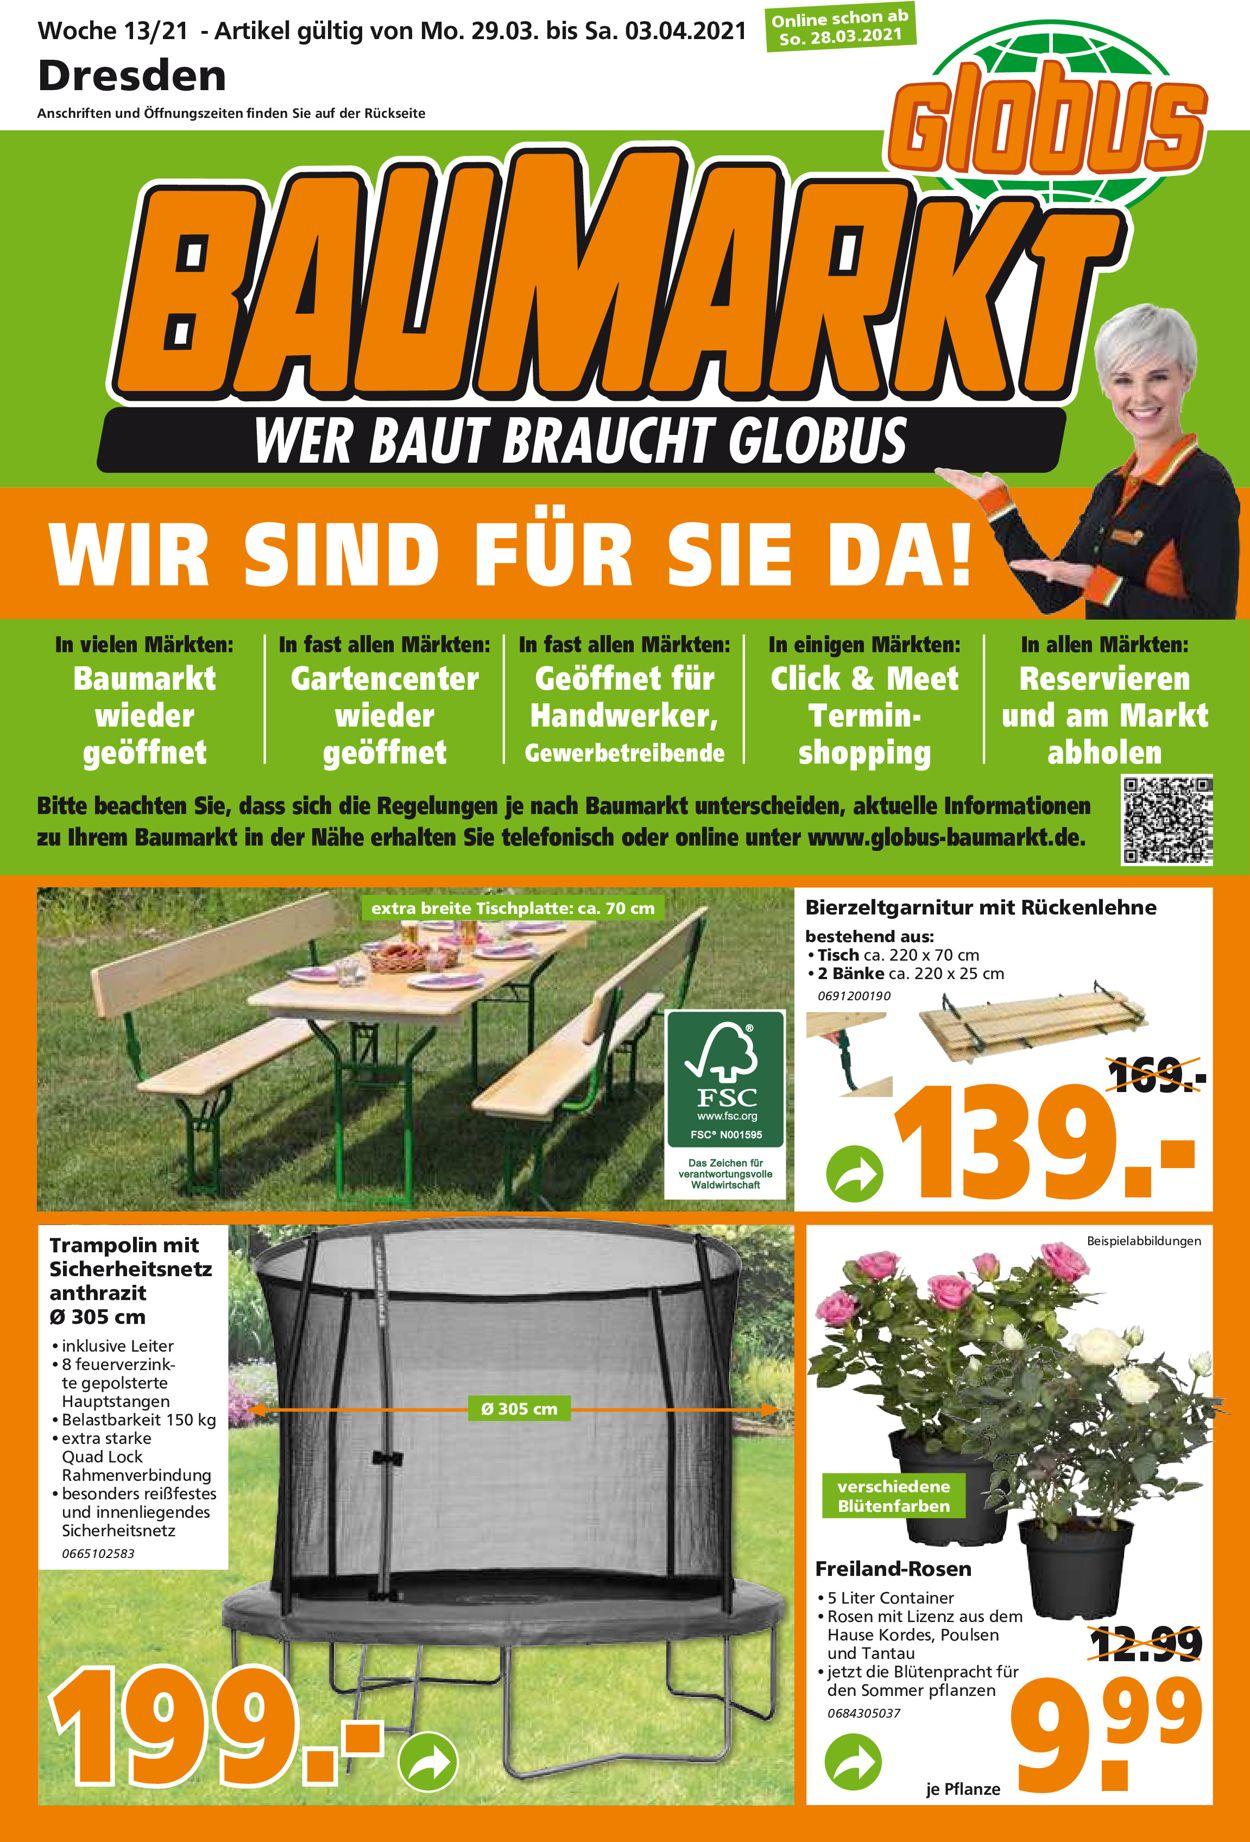 Globus Baumarkt Prospekt - Aktuell vom 29.03-03.04.2021